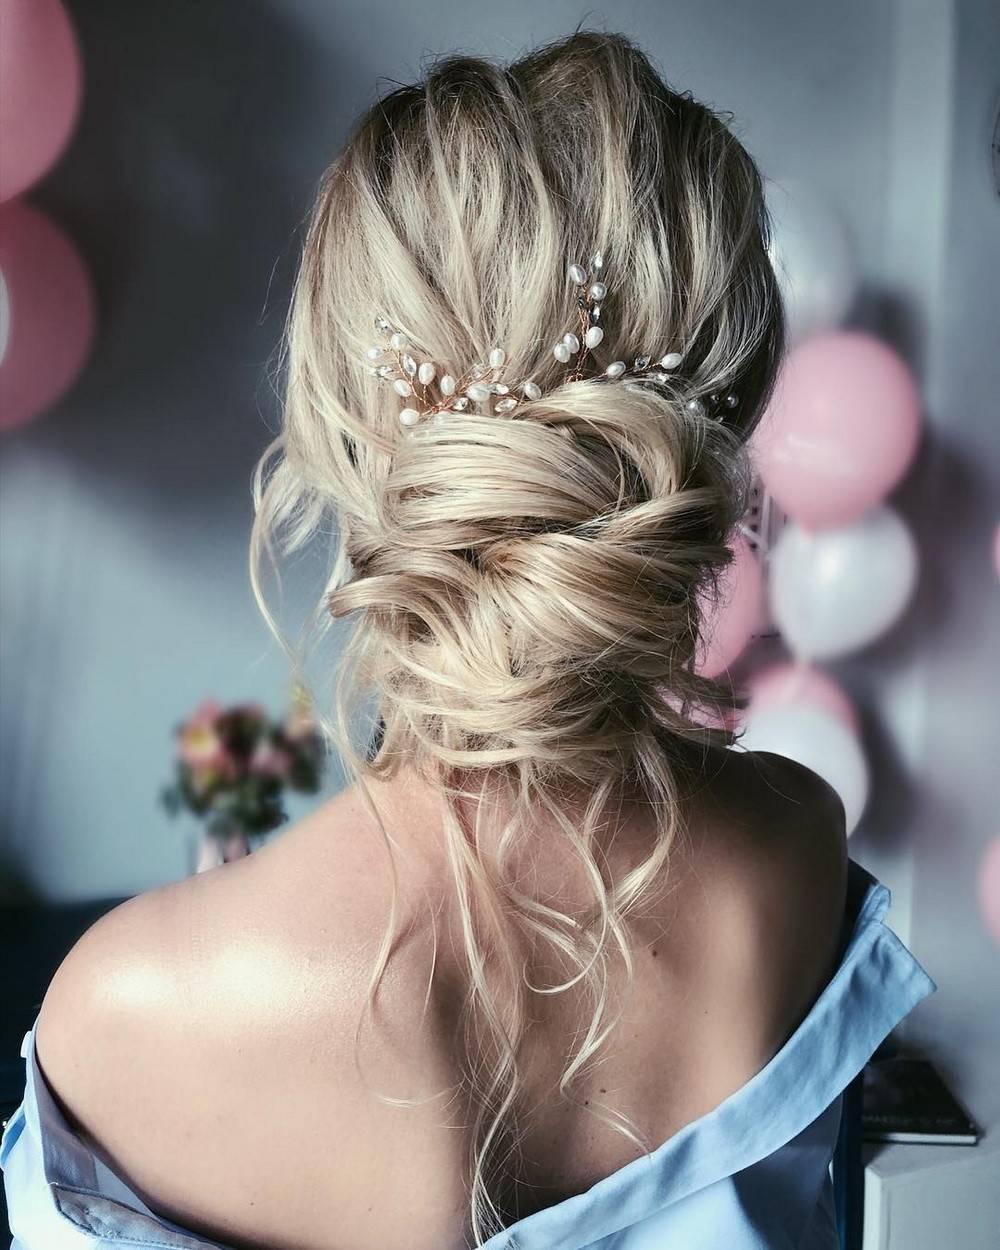 Свадебные прически 2019 – на длинные, короткие, средние волосы, с диадемой, высокие, распущенные